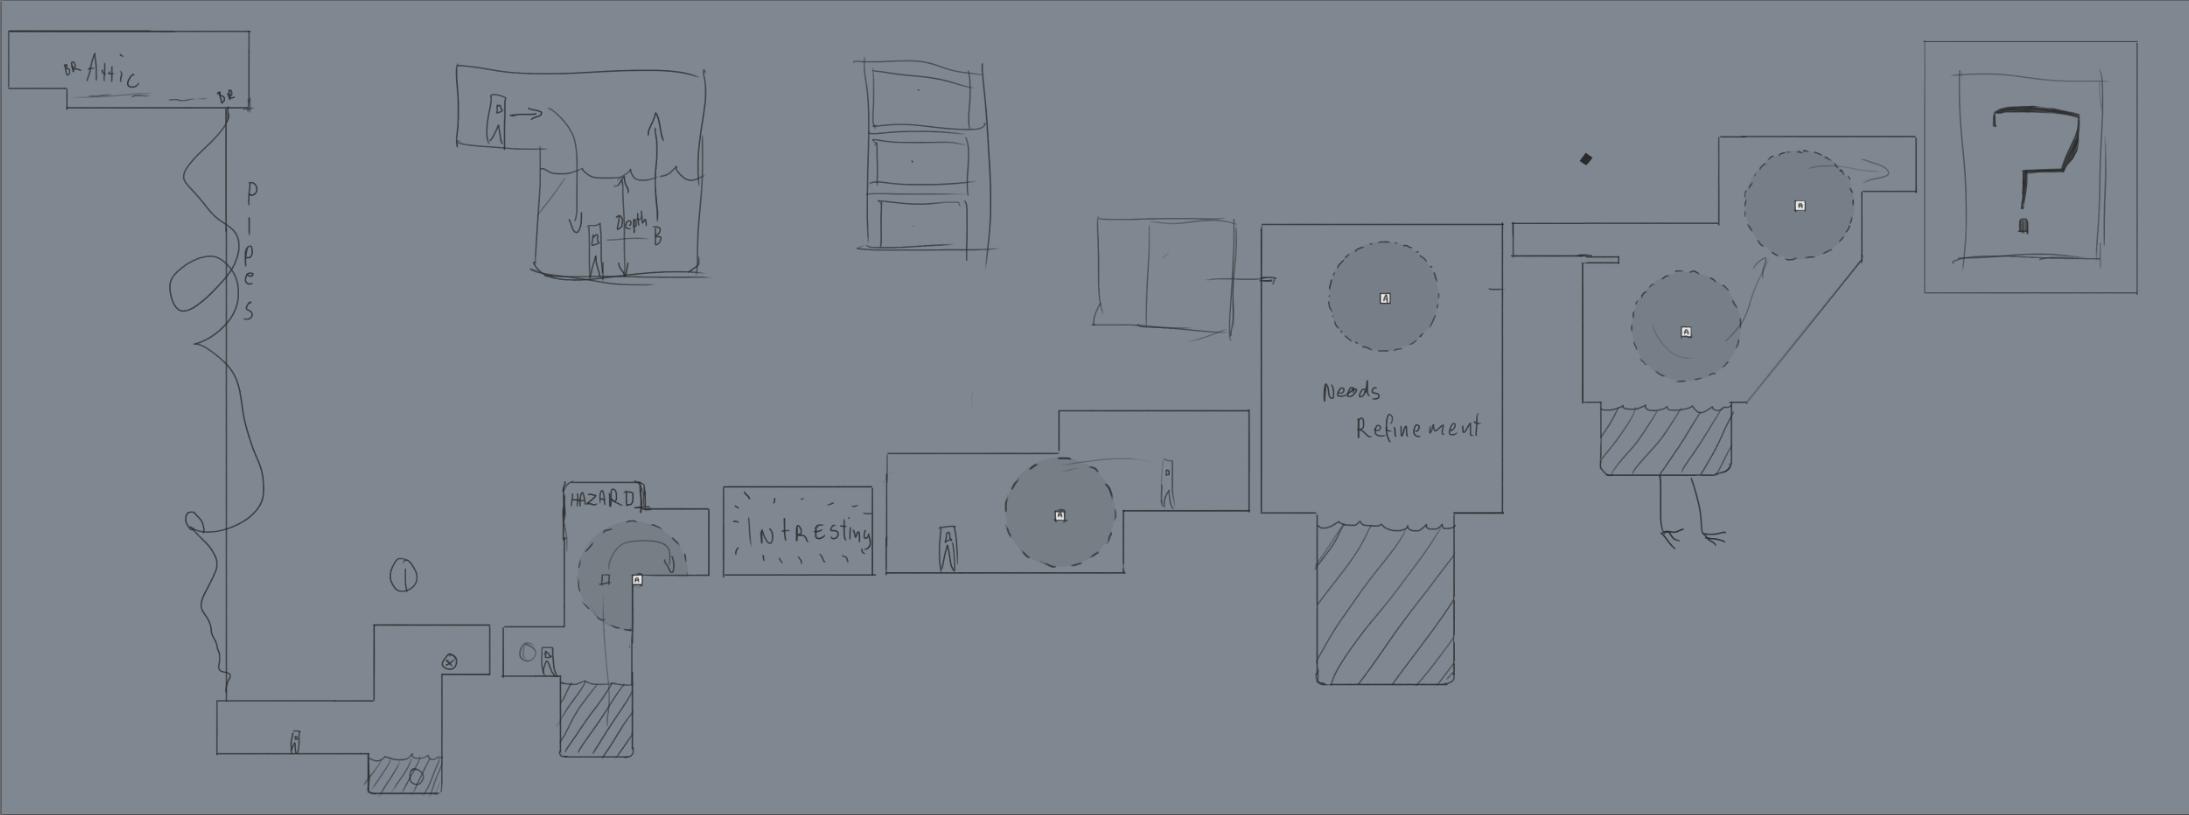 Level Design - Apparatus